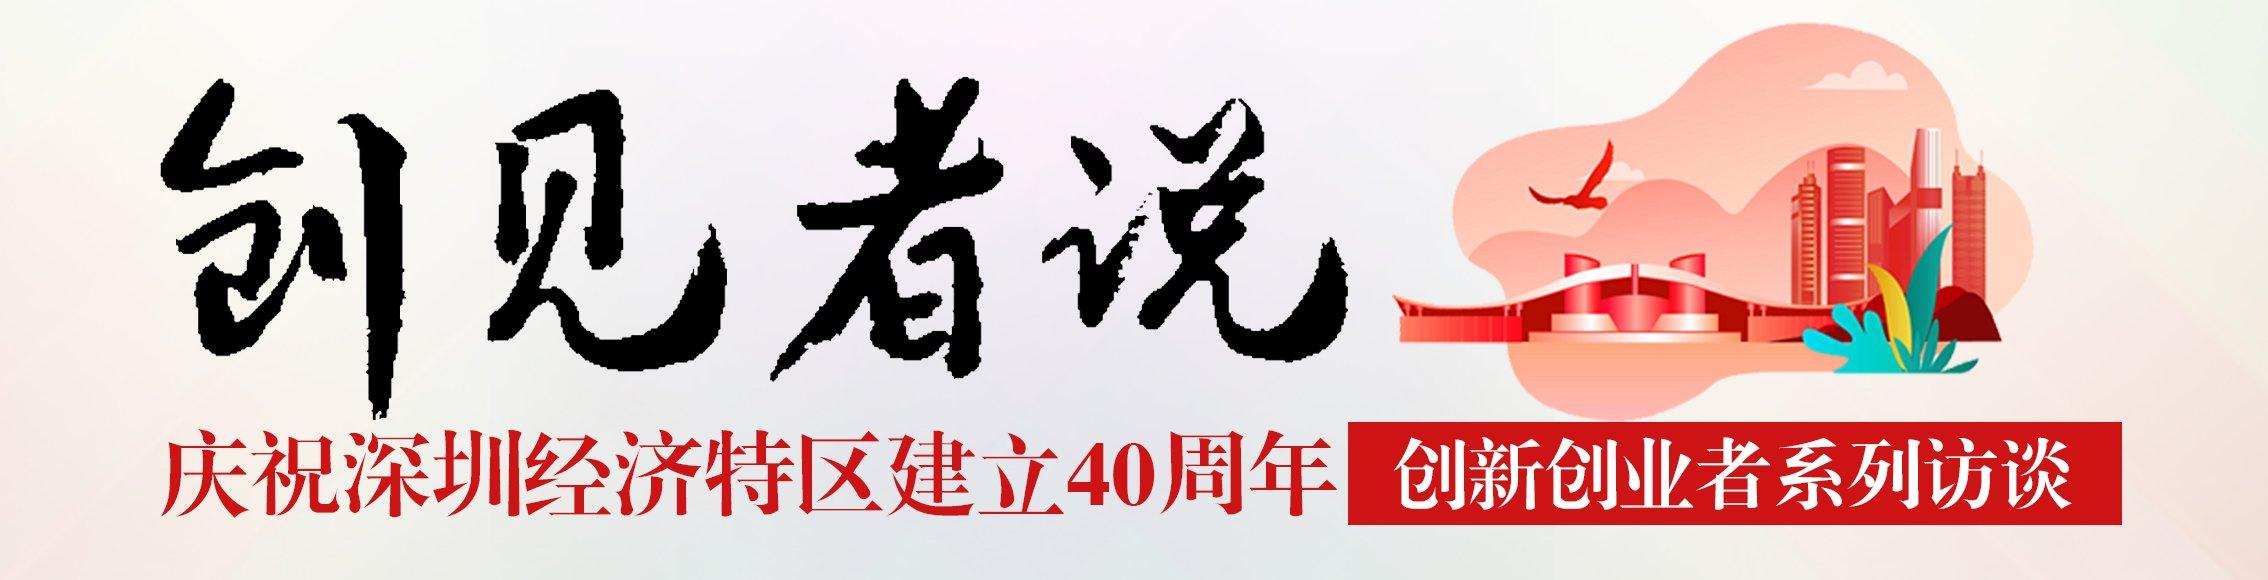 视频 视频 奥比中光创始人黄源浩:从比肩国际巨头,到技术布局全球领跑 创见者说⑤